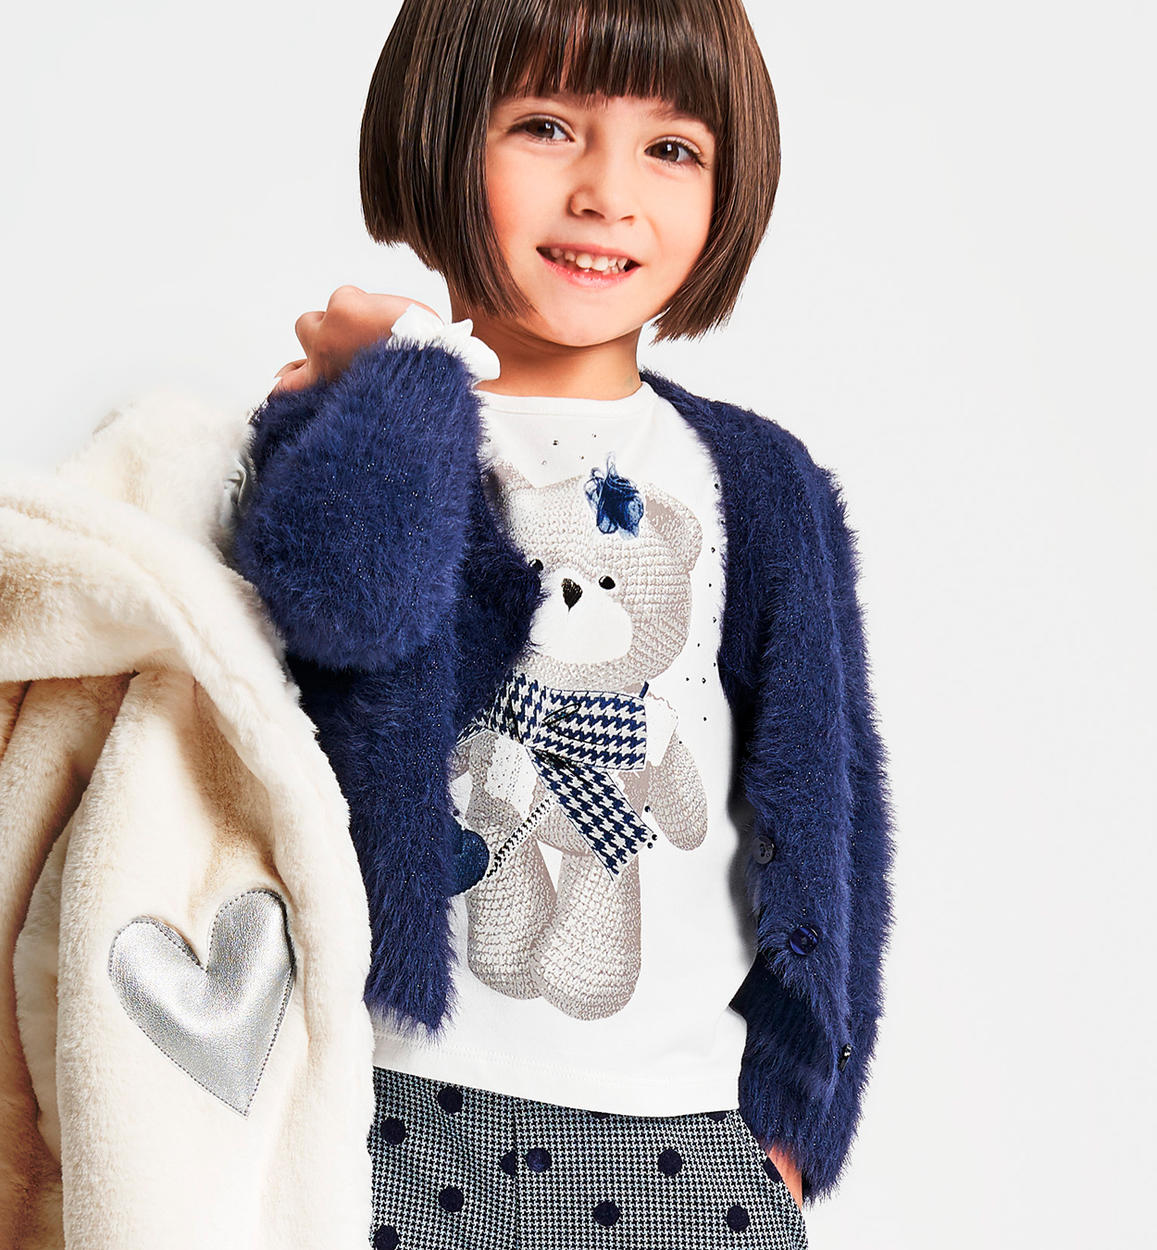 giacca modello rebecchina in tricot per navy dettaglio 03 1084k62400 3854 150x150